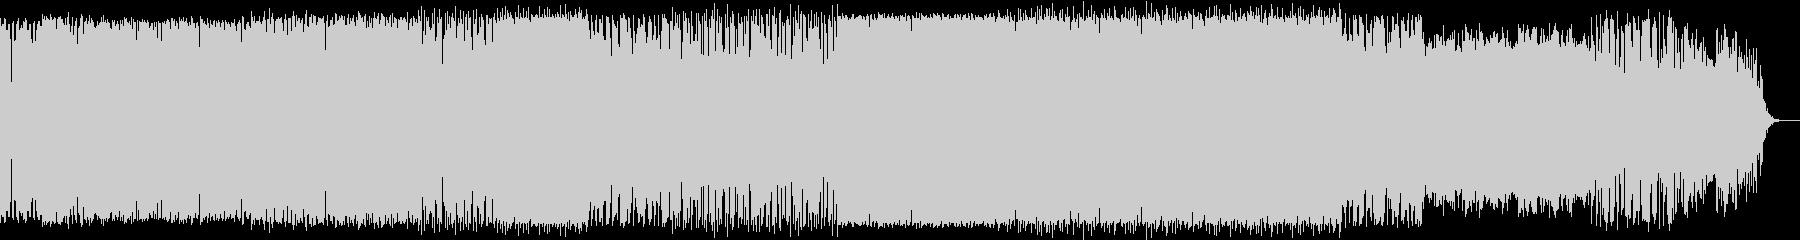 オルガンとシンセソロ入りの深海イメージ曲の未再生の波形